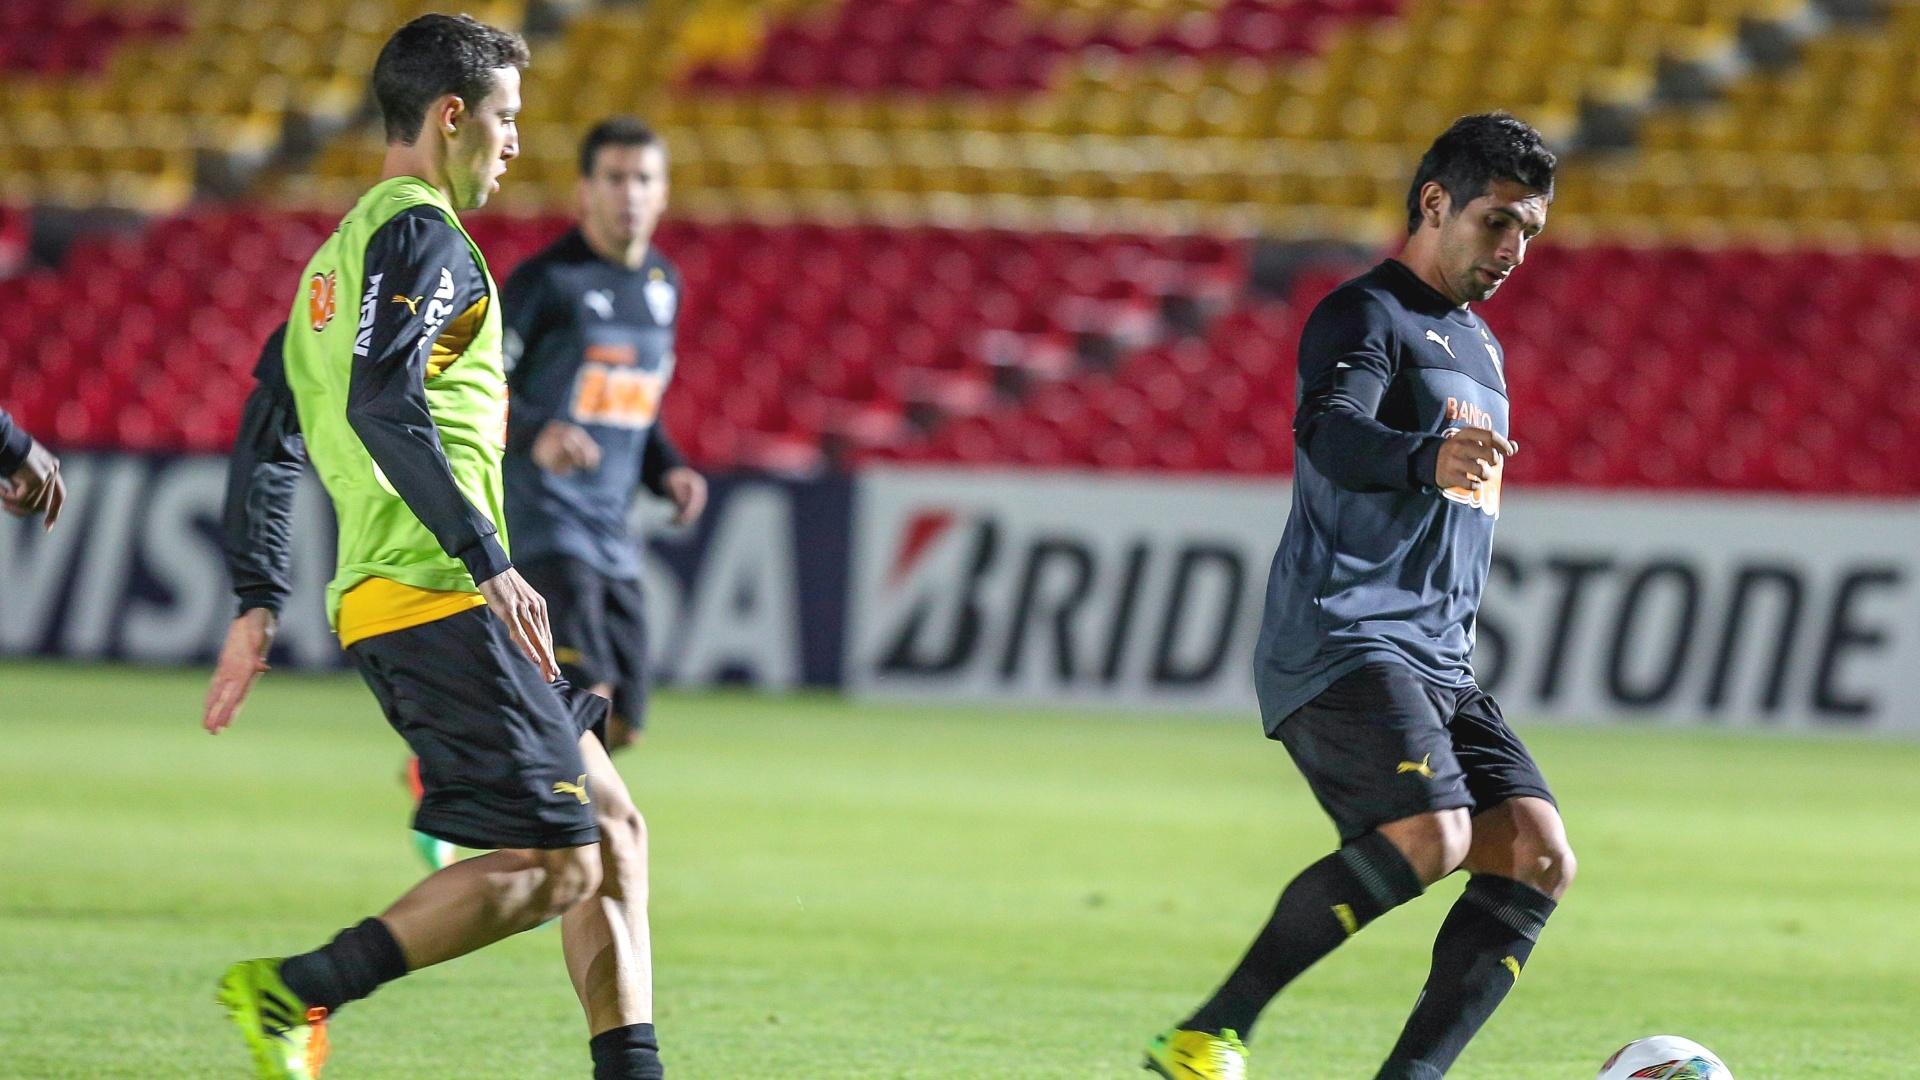 2 abril 2014 - Atacante Guilherme (à dir.) participa de treino do Atlético-MG em Bogotá, na Colômbia